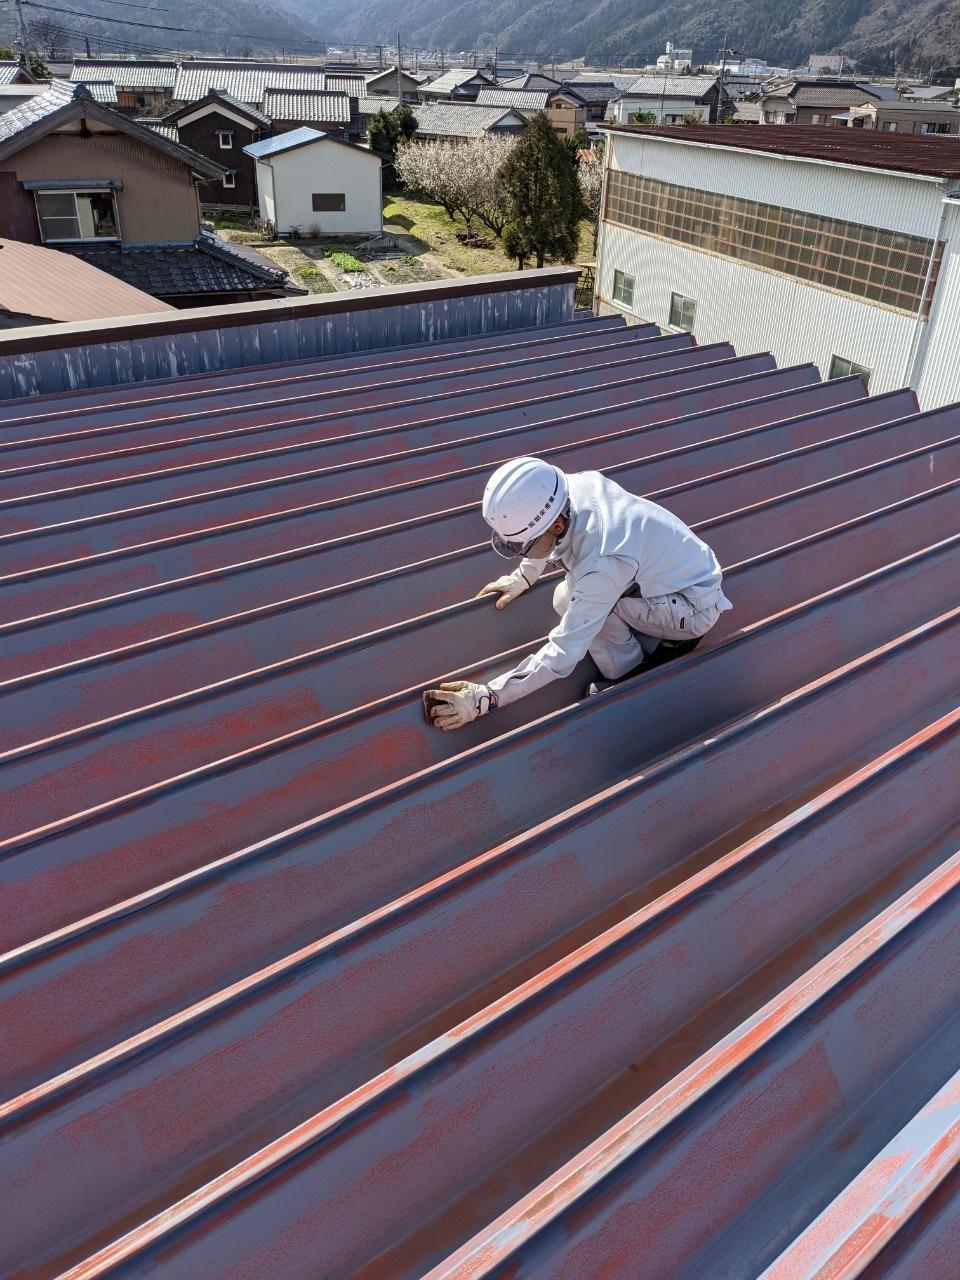 ケレン作業:まずしっかり錆を落とします。塗装する前の重要な工程。